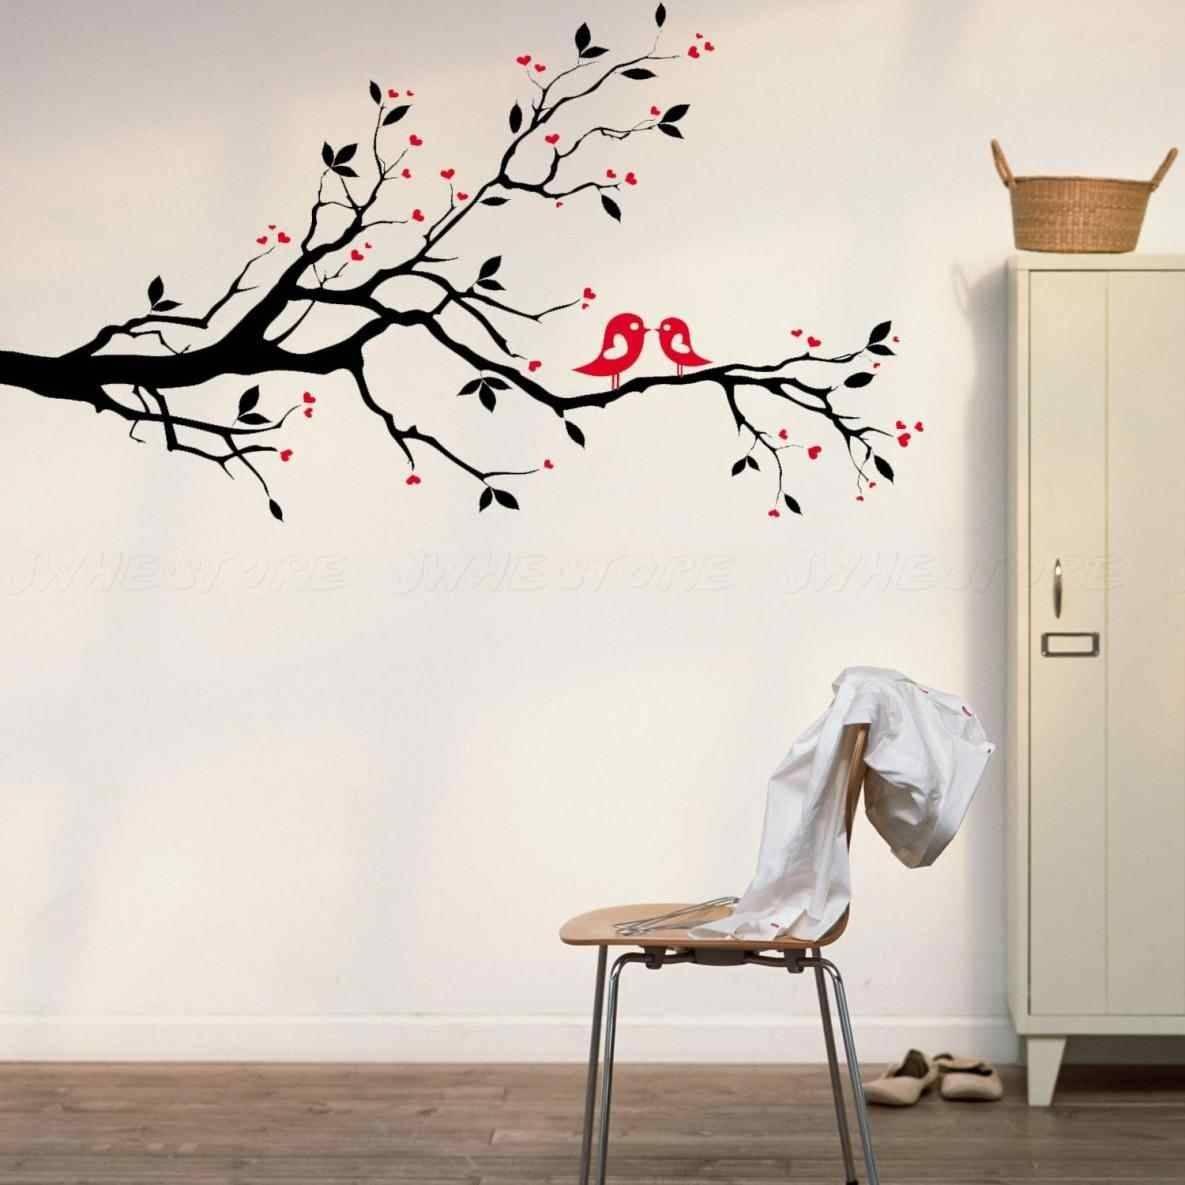 Innovative Metal Oak Tree Wall Art Large Metal Tree Wall Regarding Most Up To Date Metal Oak Tree Wall Art (Gallery 15 of 30)